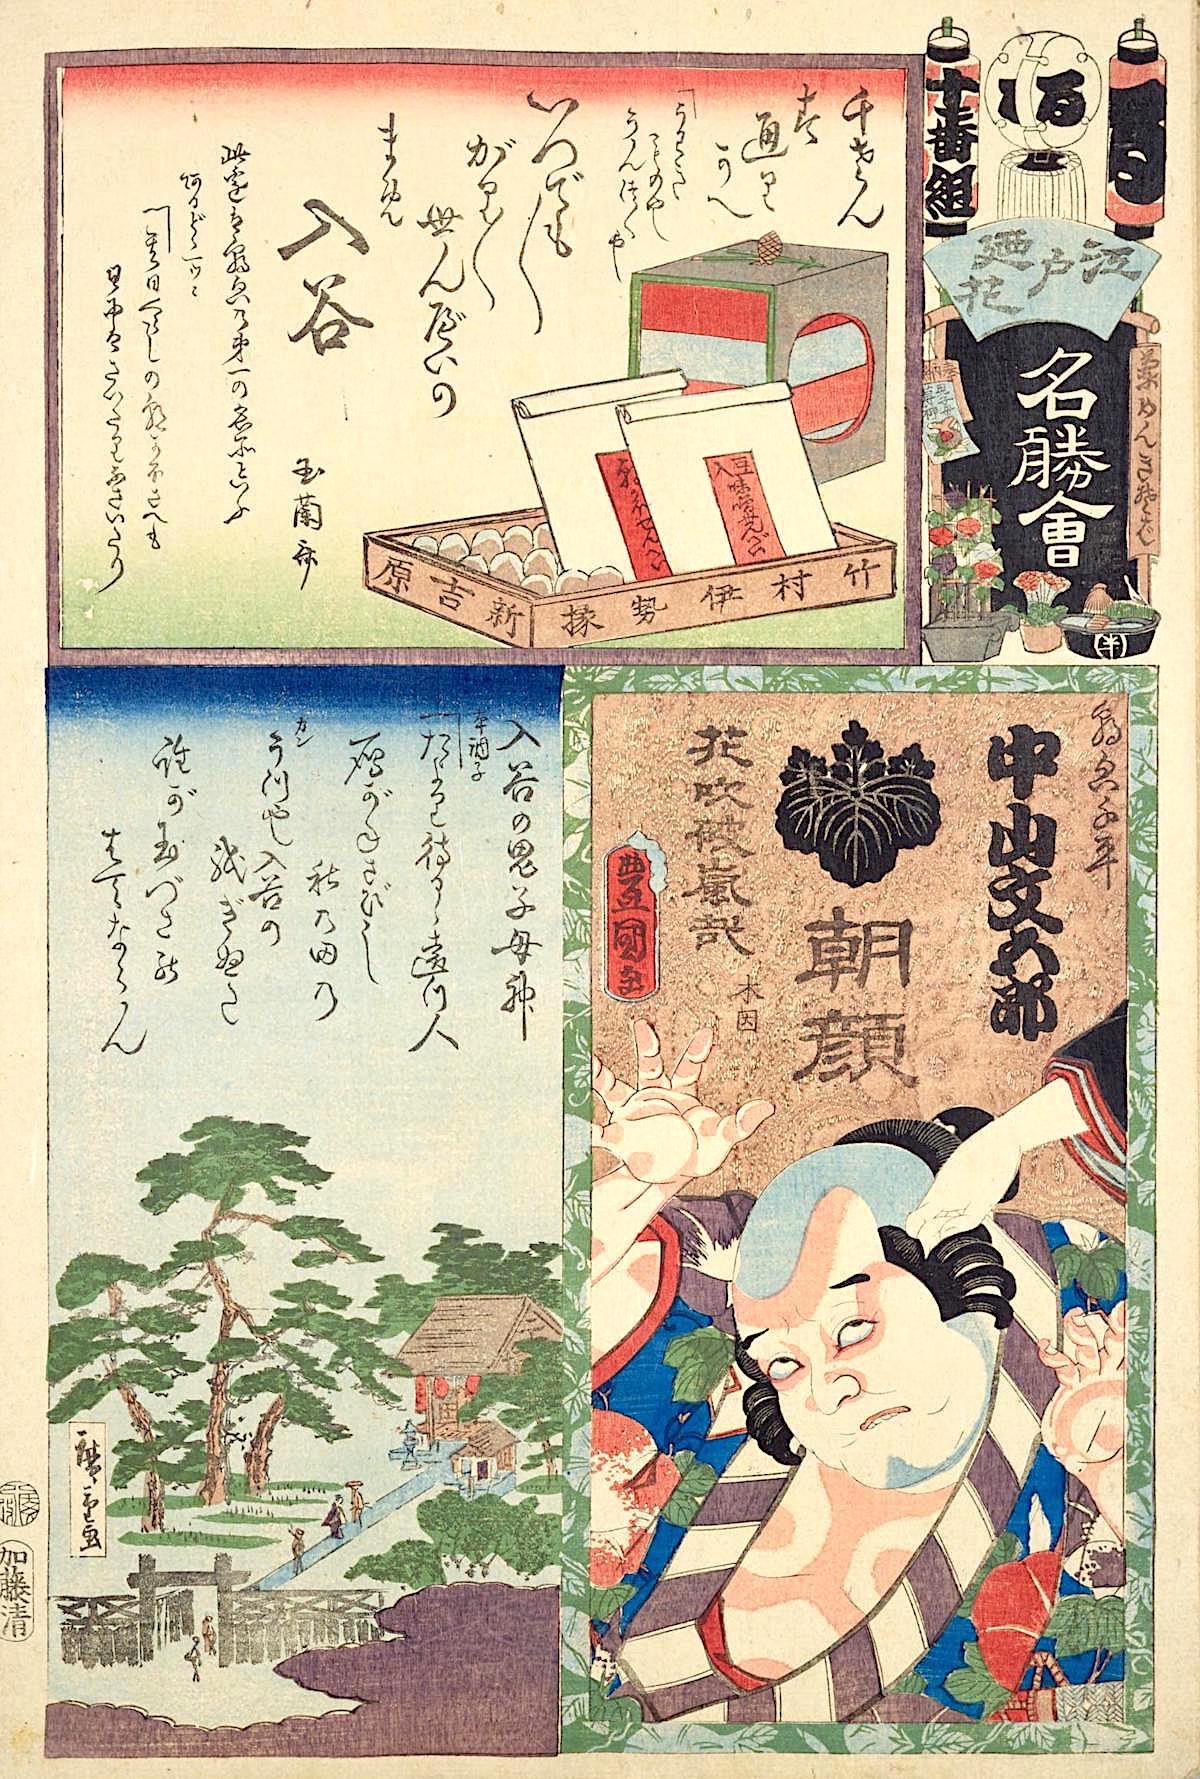 『江戸の花名勝会』る 十番組 中山文五郎、入谷の鬼子母神、入谷